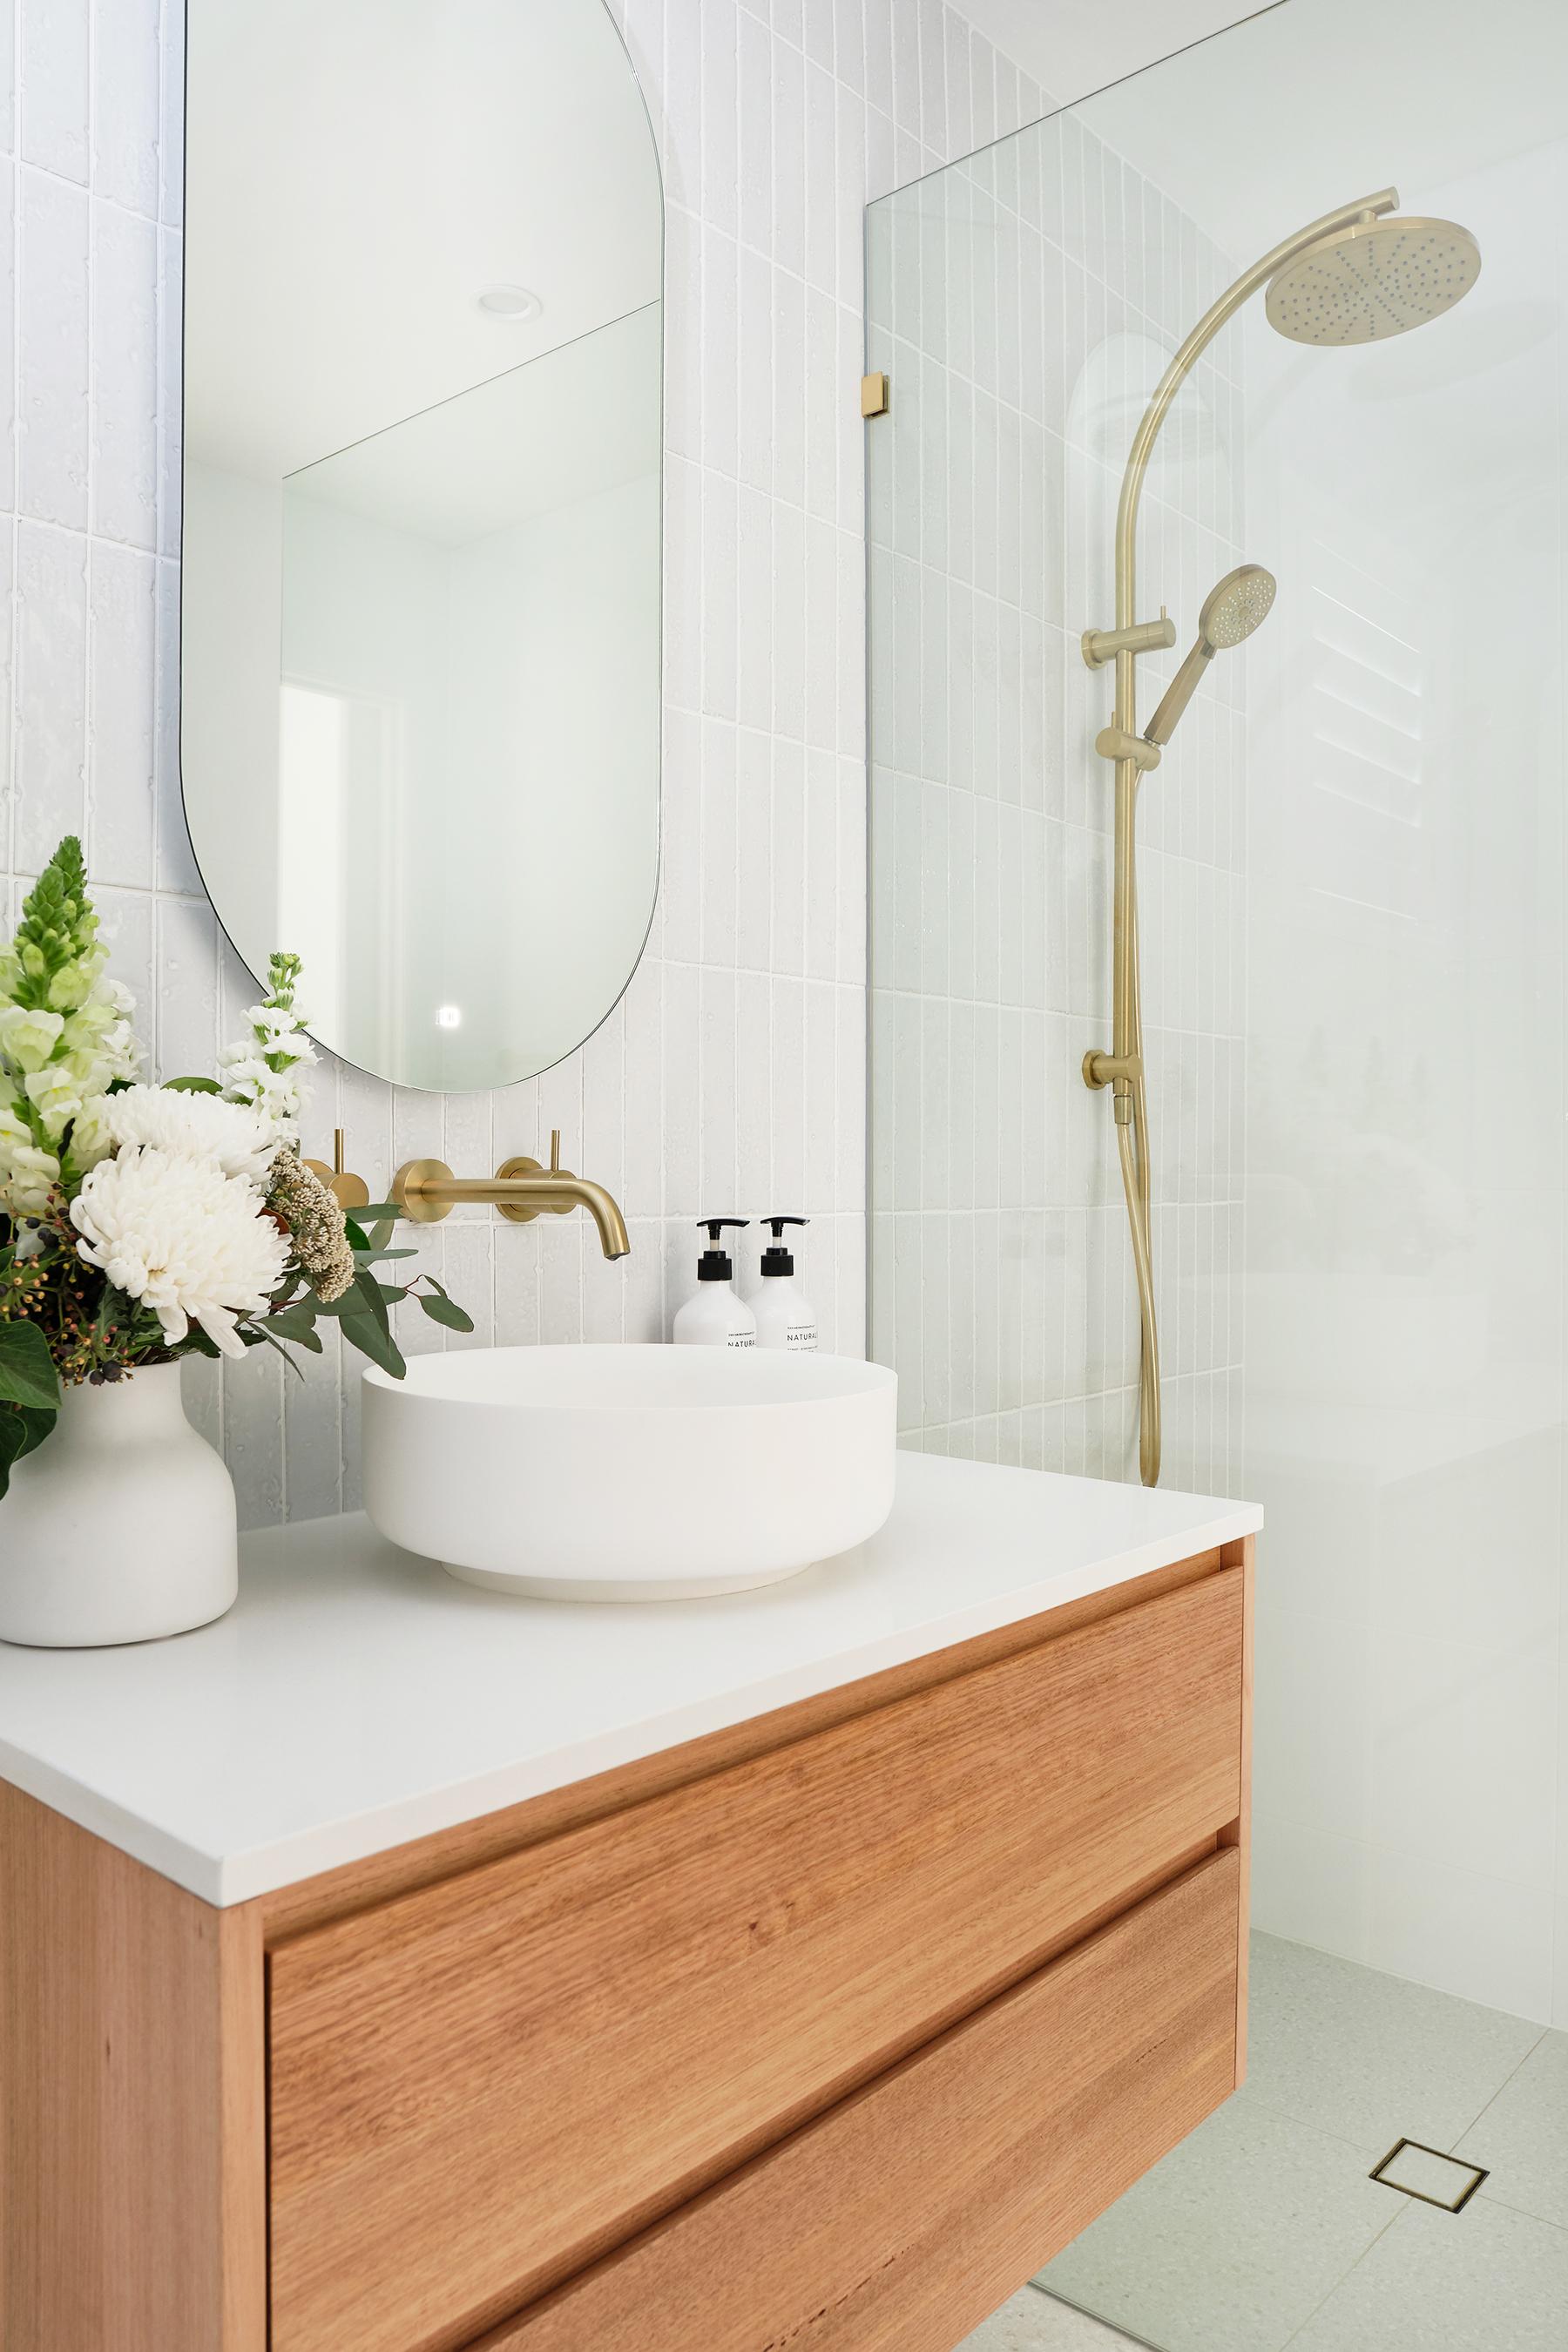 web_Adore_Bathroom_Vanity@zidsphoto.jpg